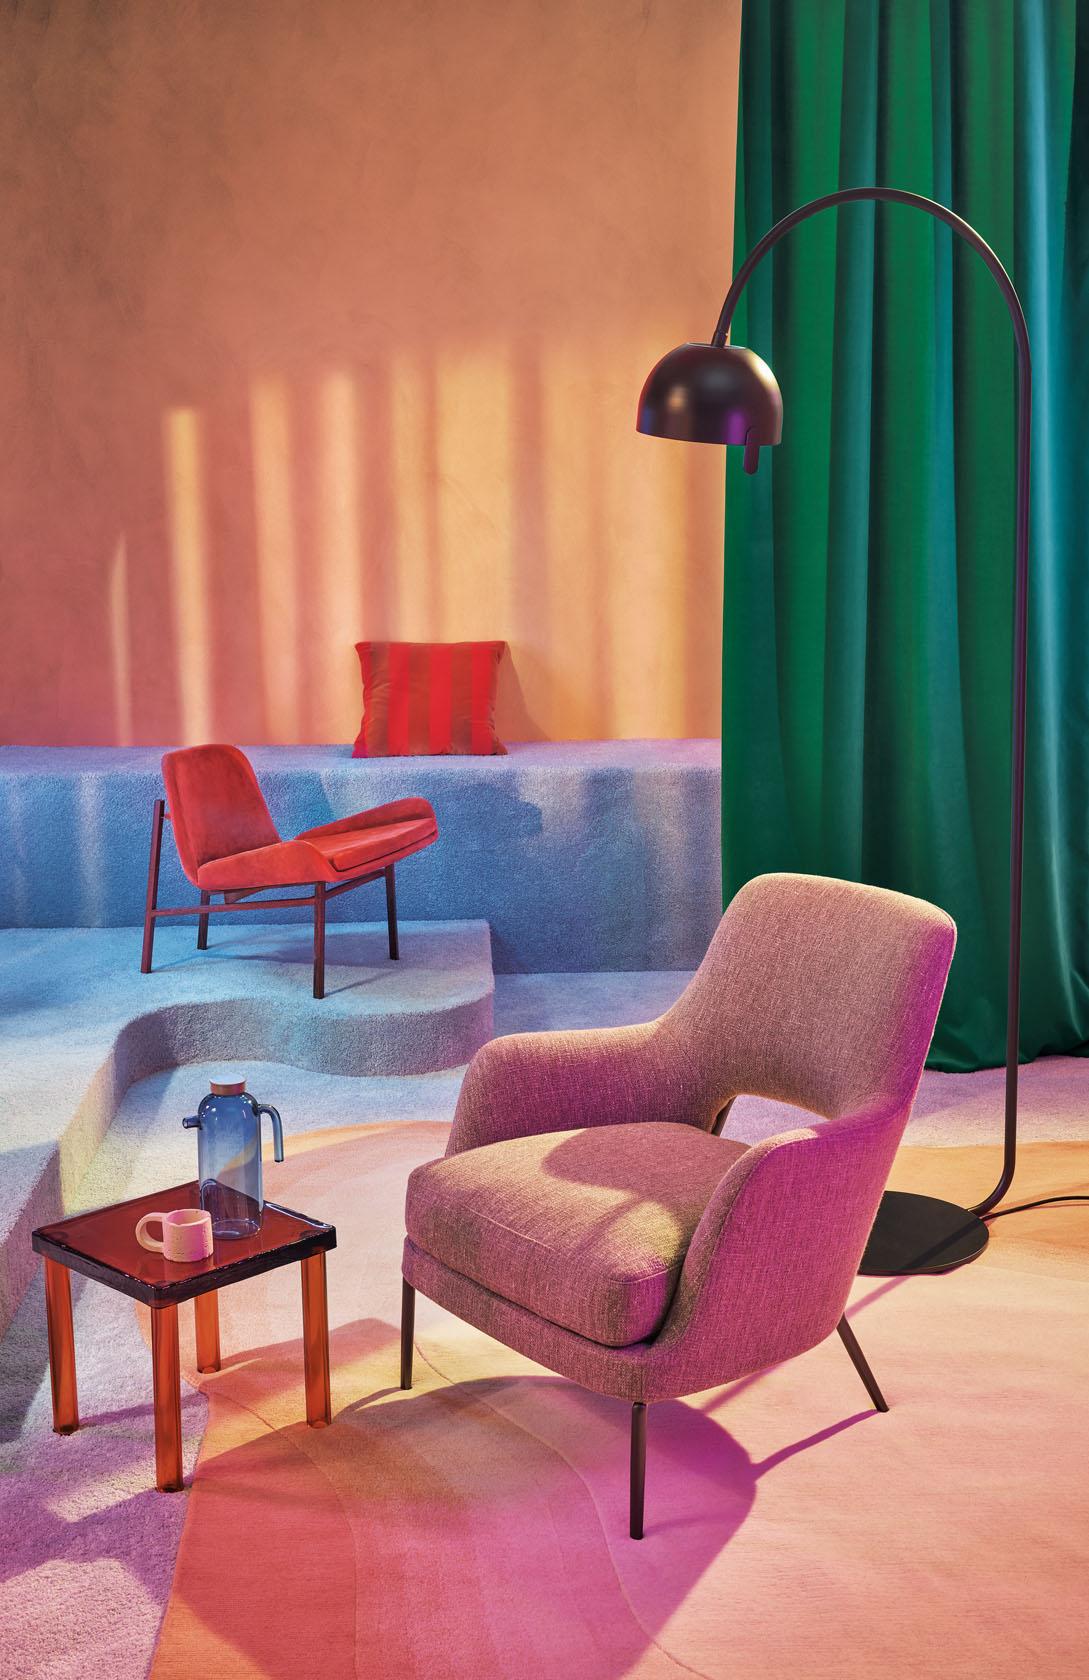 idee-arredare-casa-lampade-divani-sedie-letti-poltrone-design-issue-living-corriere-09